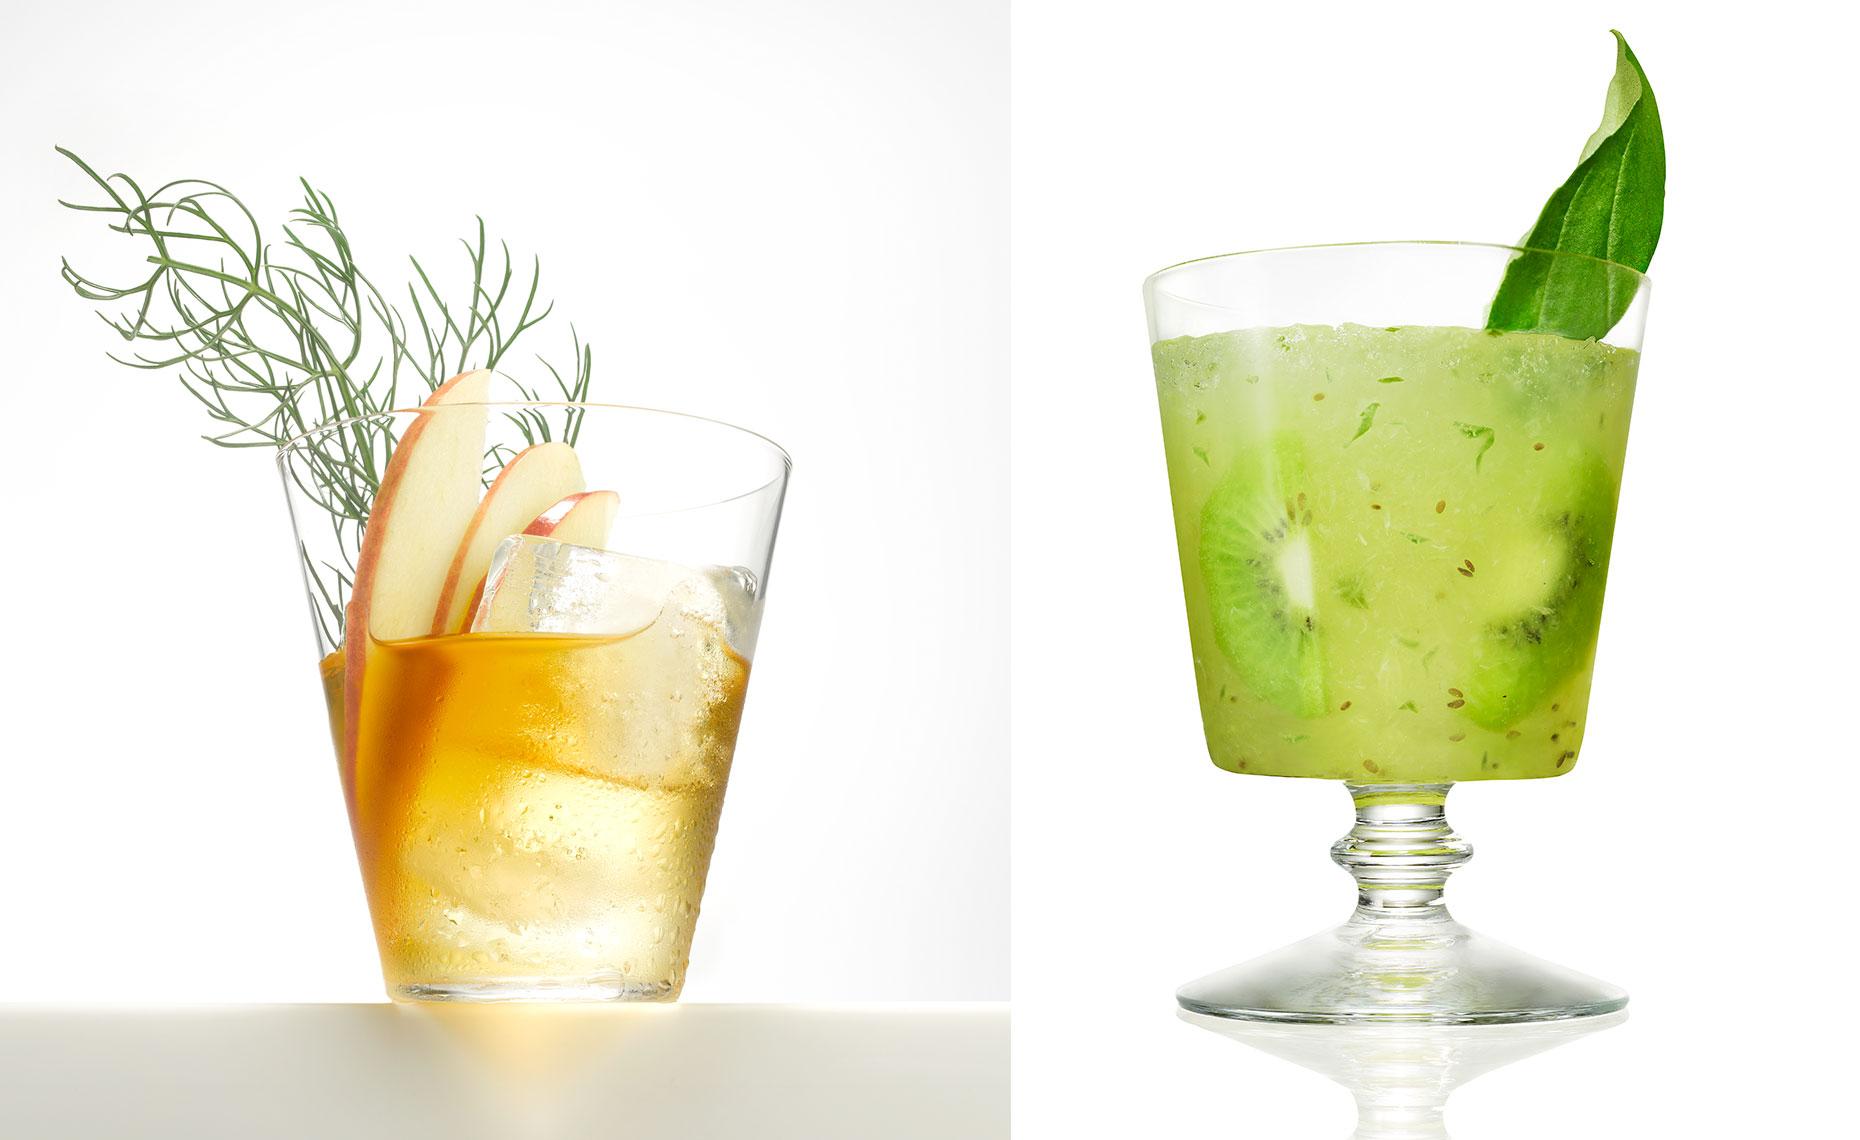 fennel-and-basil-kiwi.jpg